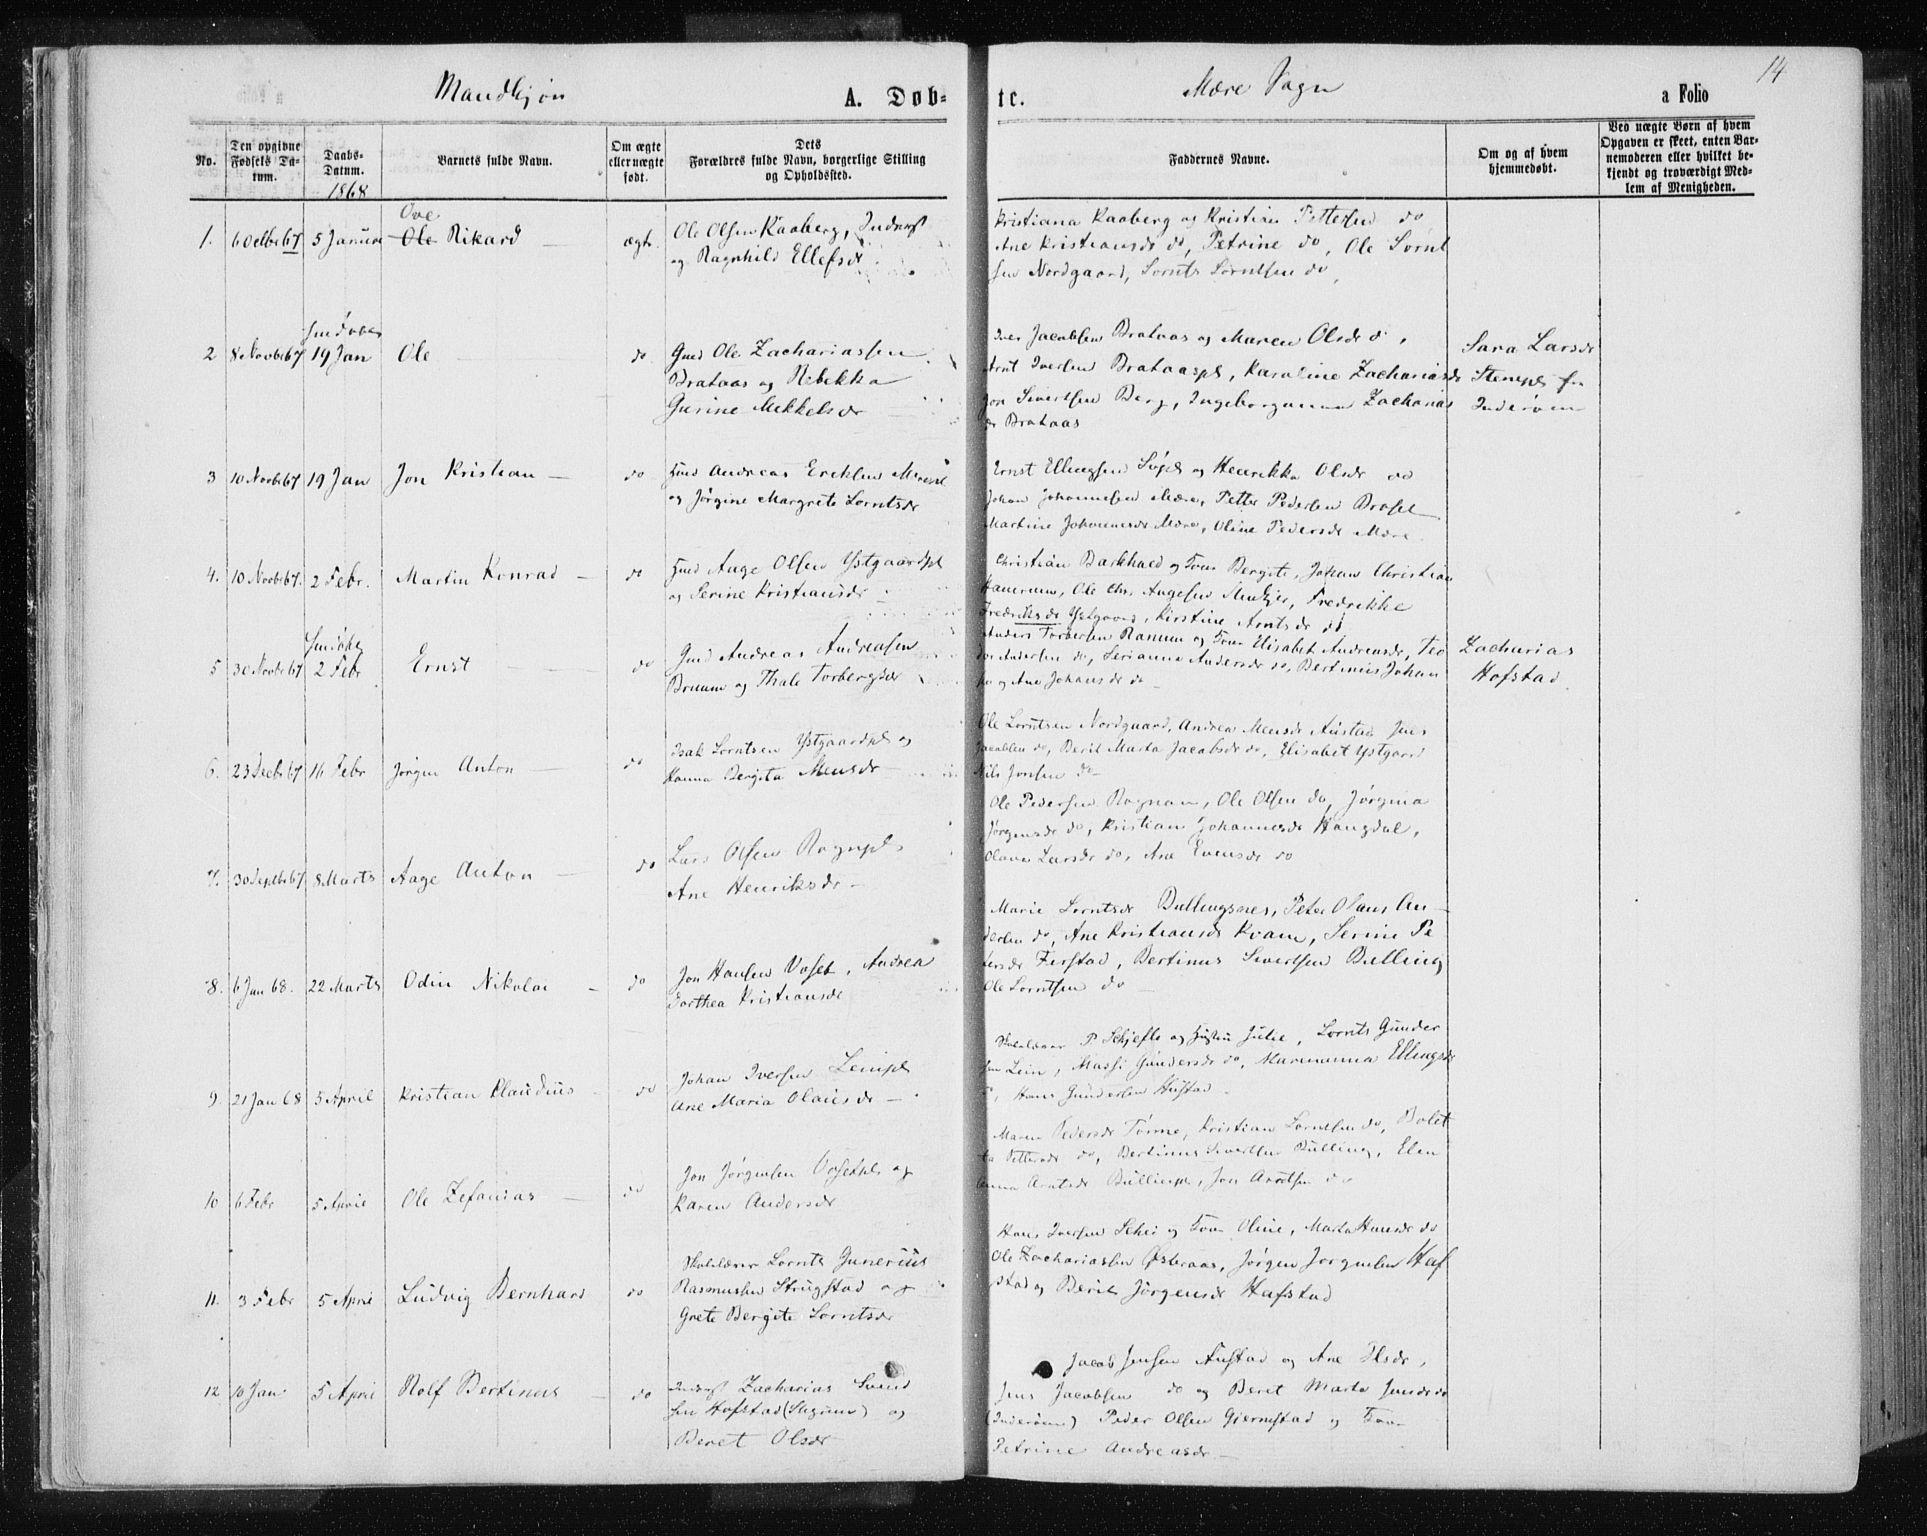 SAT, Ministerialprotokoller, klokkerbøker og fødselsregistre - Nord-Trøndelag, 735/L0345: Ministerialbok nr. 735A08 /1, 1863-1872, s. 14